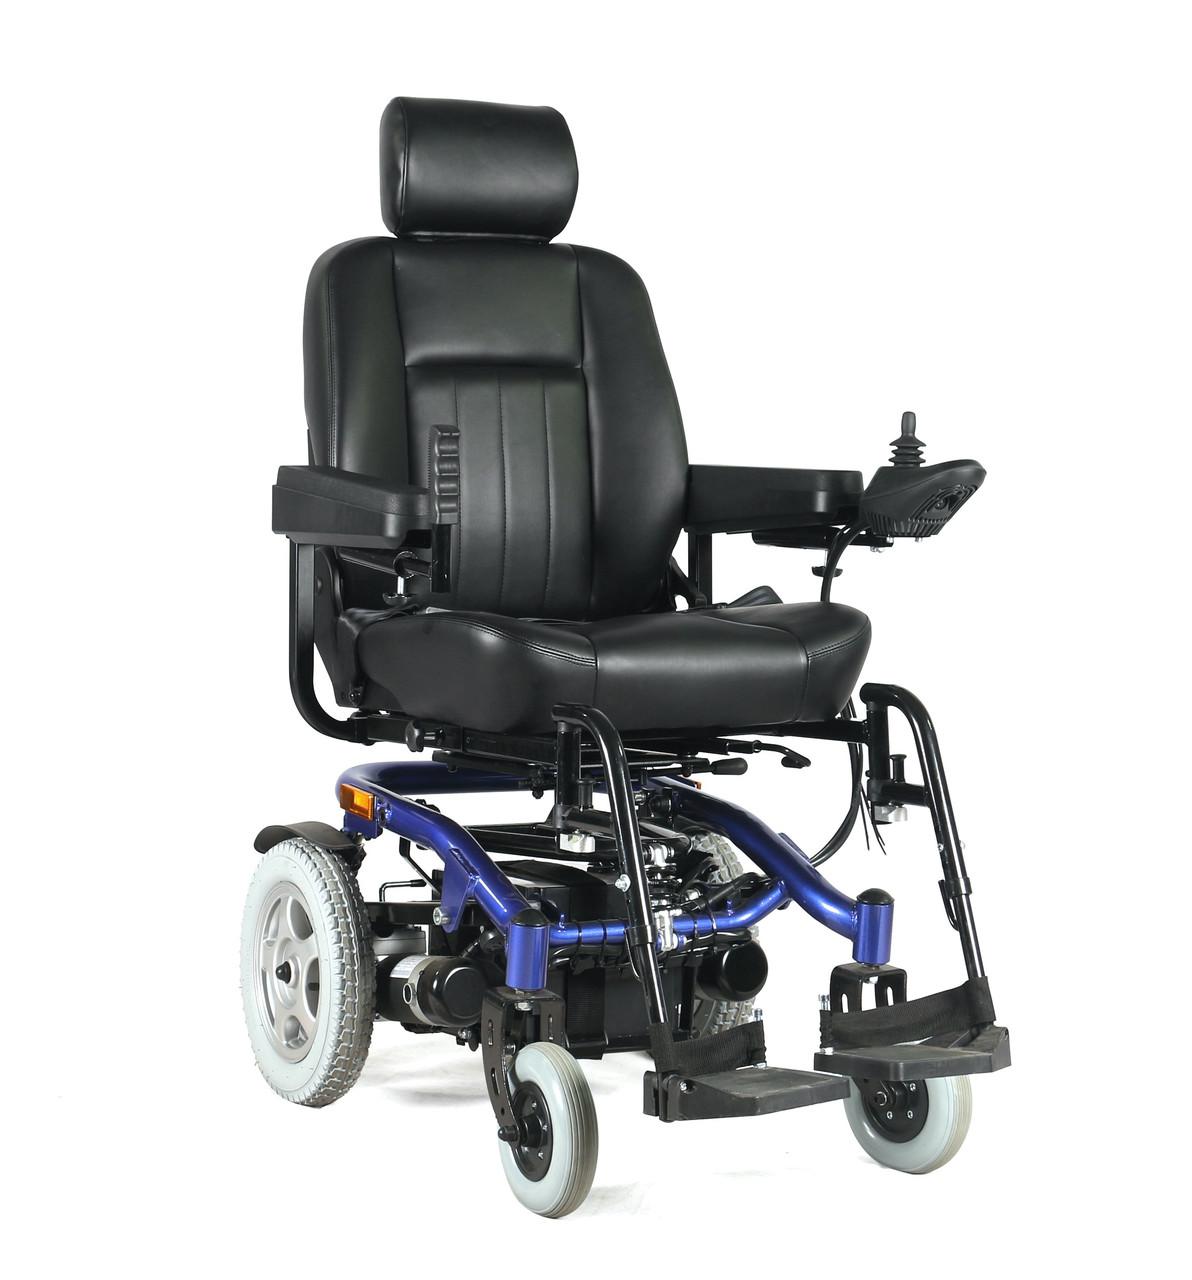 Електричний візок для інвалідів W-1024. Інвалідна коляска. Широке сидіння 50 см.